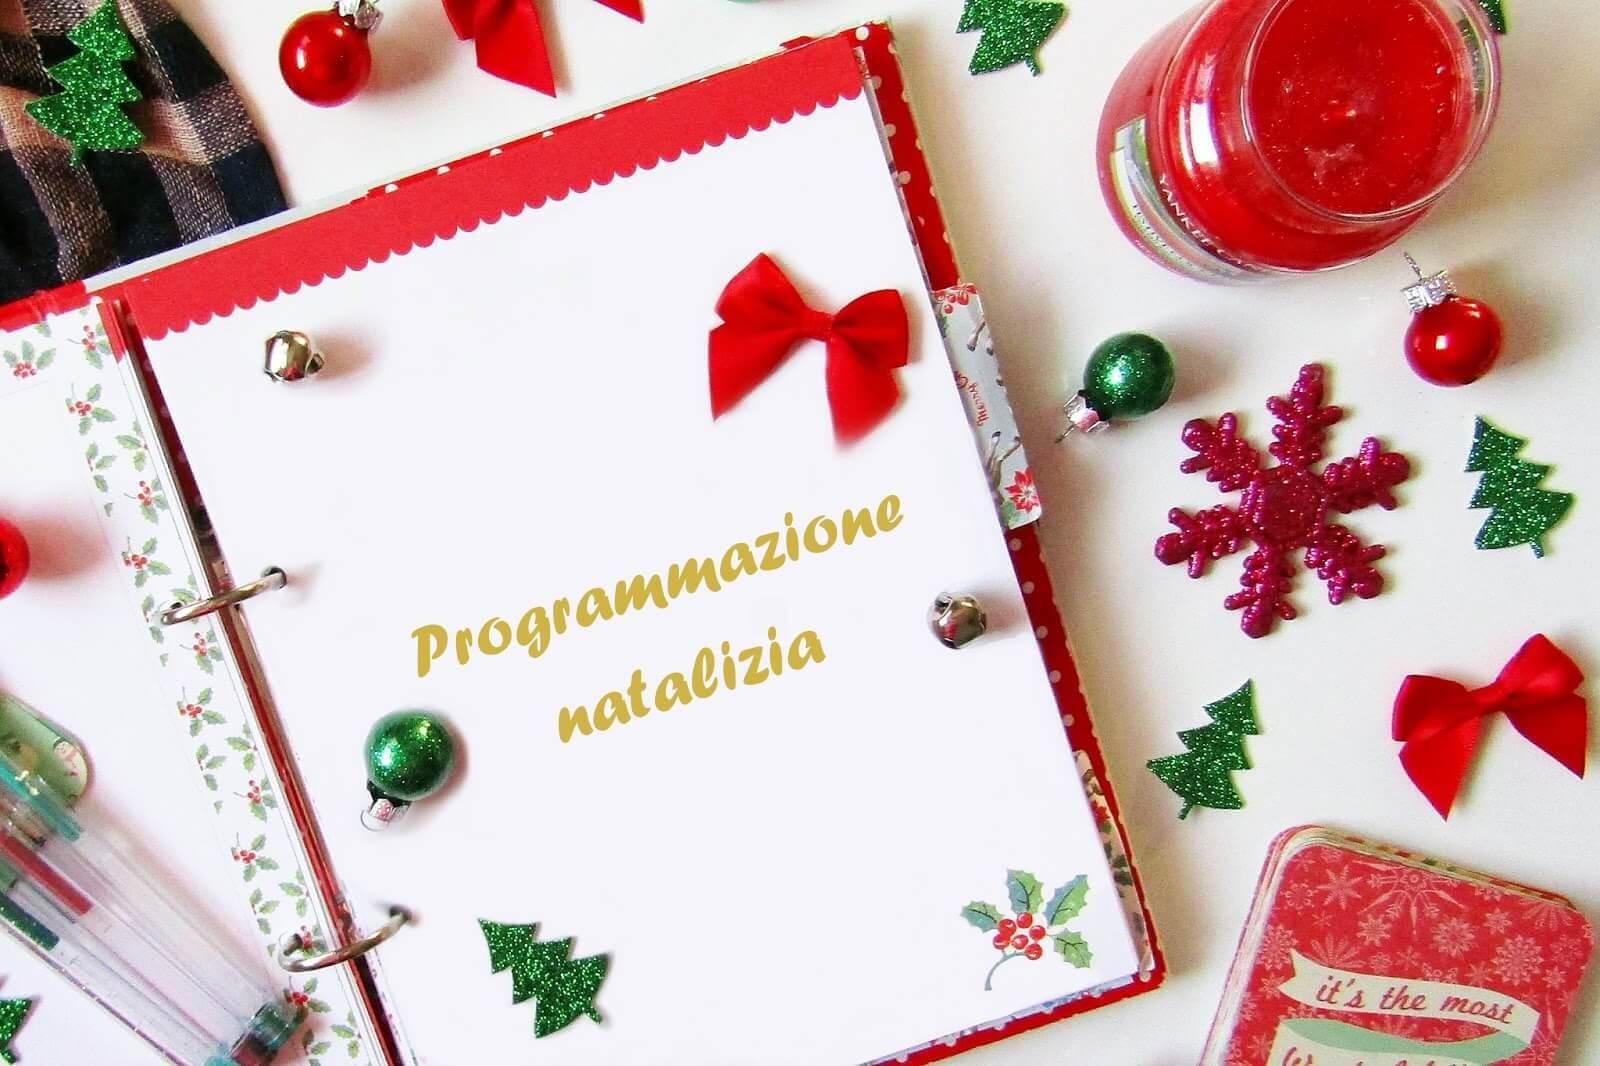 Programmazione natalizia